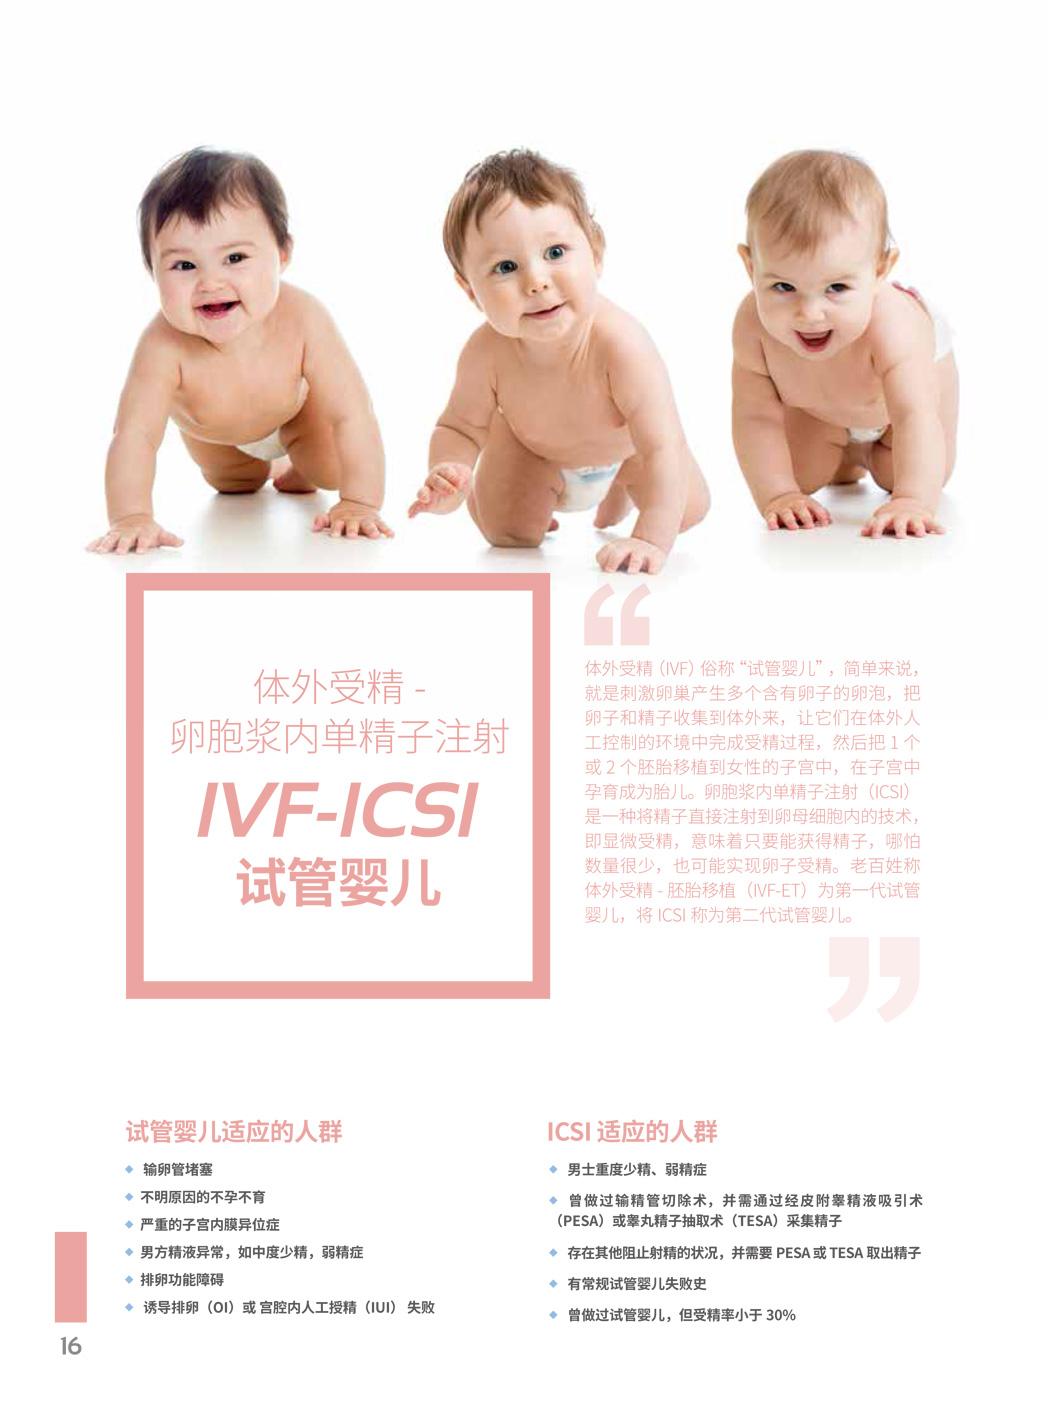 ivf_cn_20170814%e5%8d%95-161